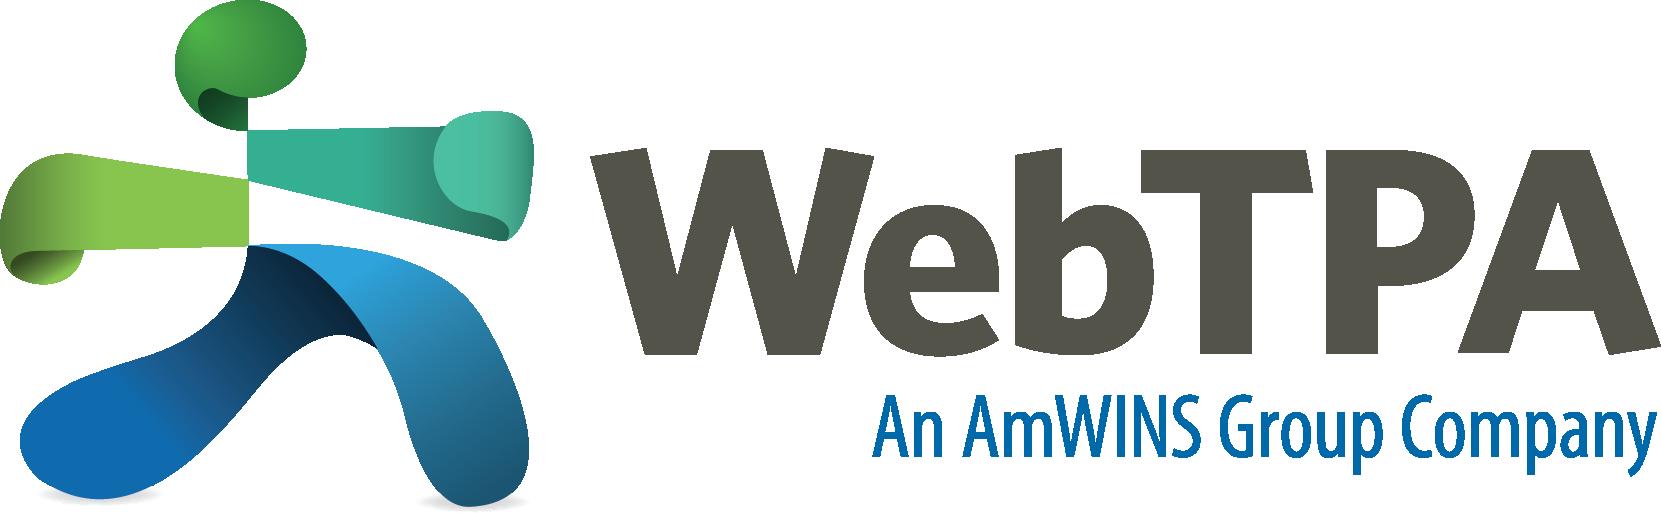 WebTPA, An AmWINS Group Company Company Logo